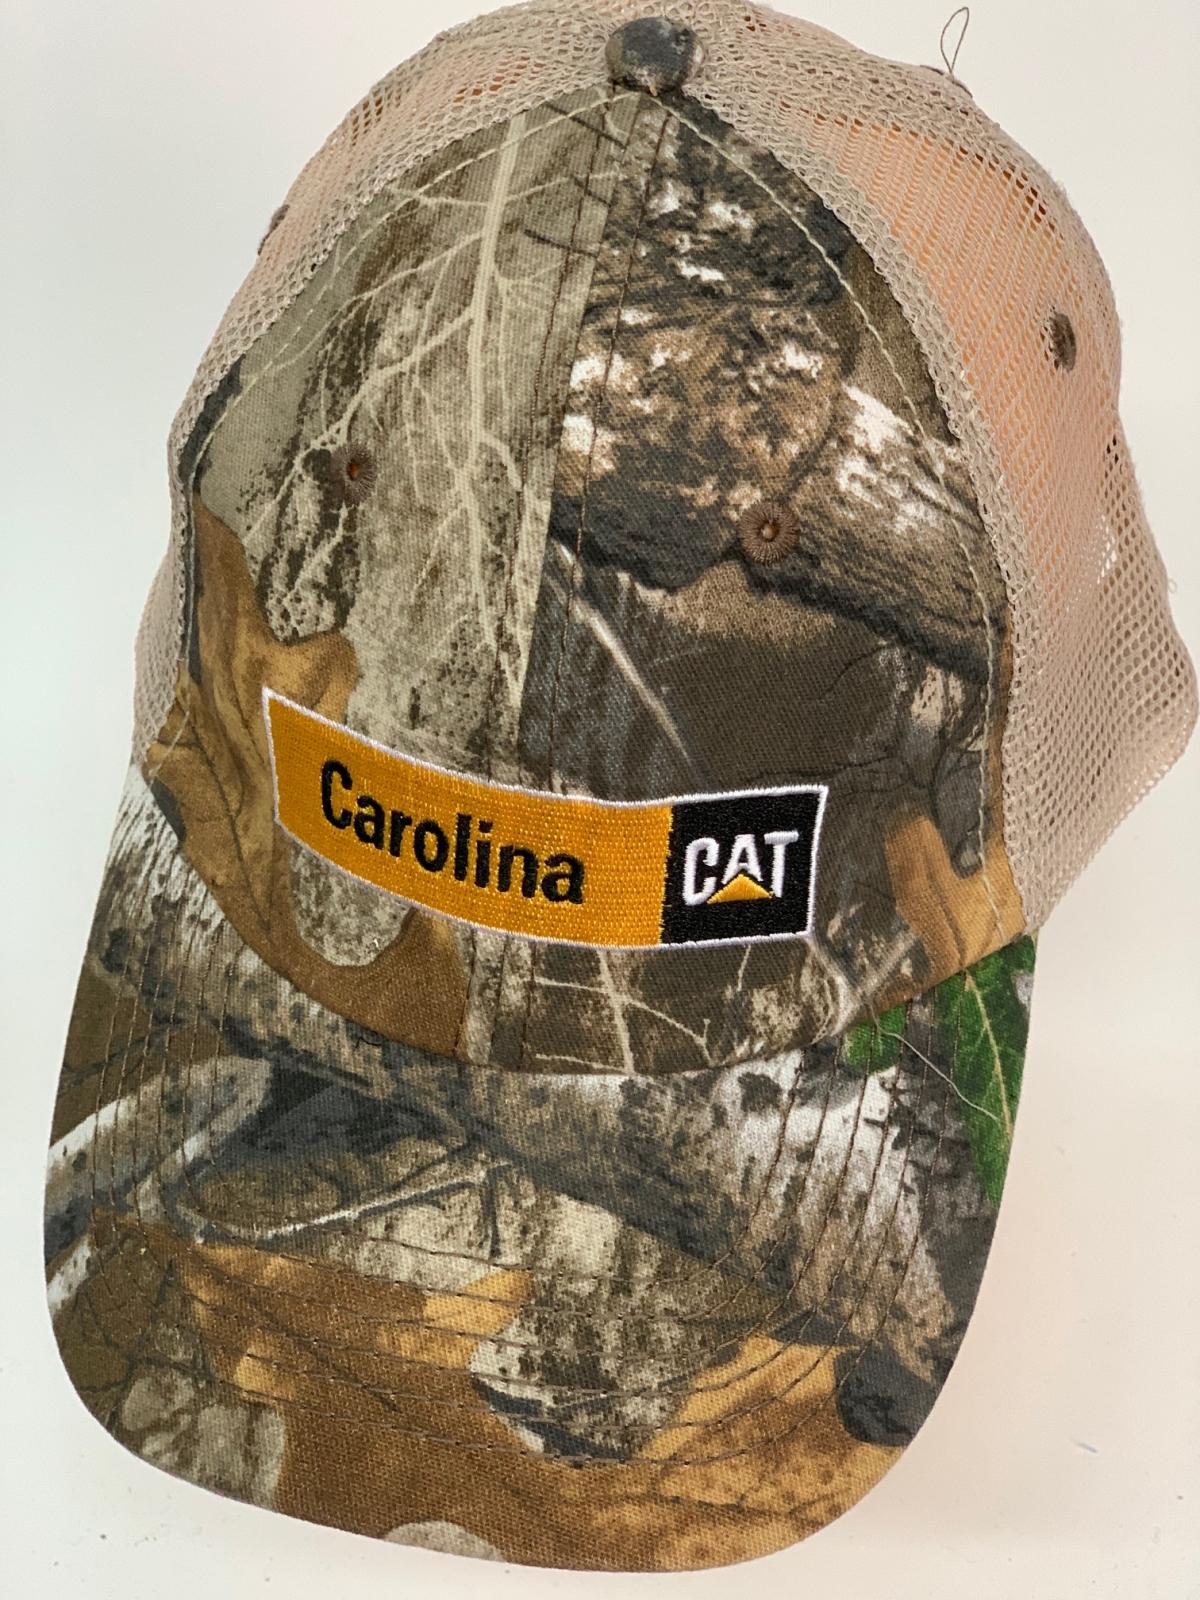 Бейсболка камуфляж Carolina Cat с сеткой